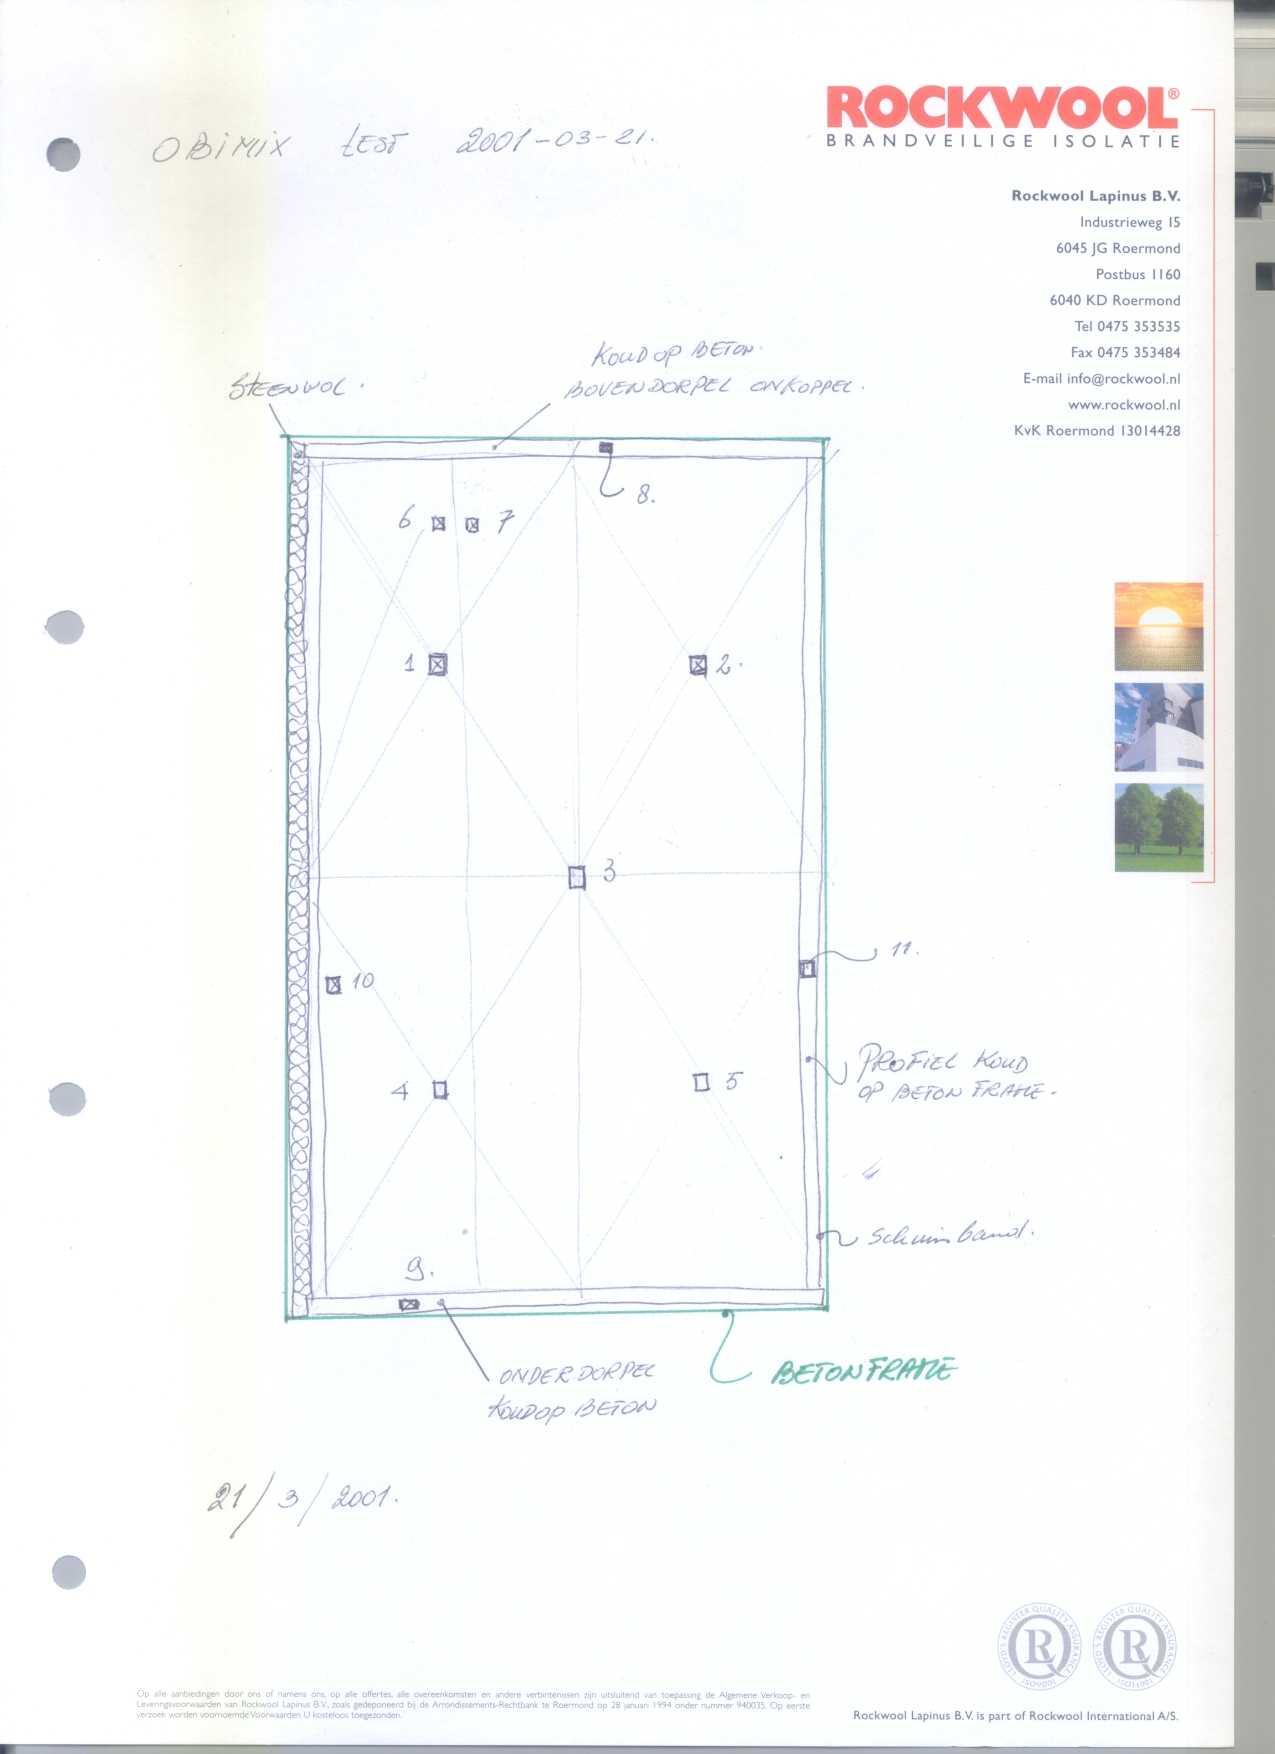 rapport-cl246-1-ra-100-mm-obi-wand-met-c-profiel-resultaat-35-min_pagina_01